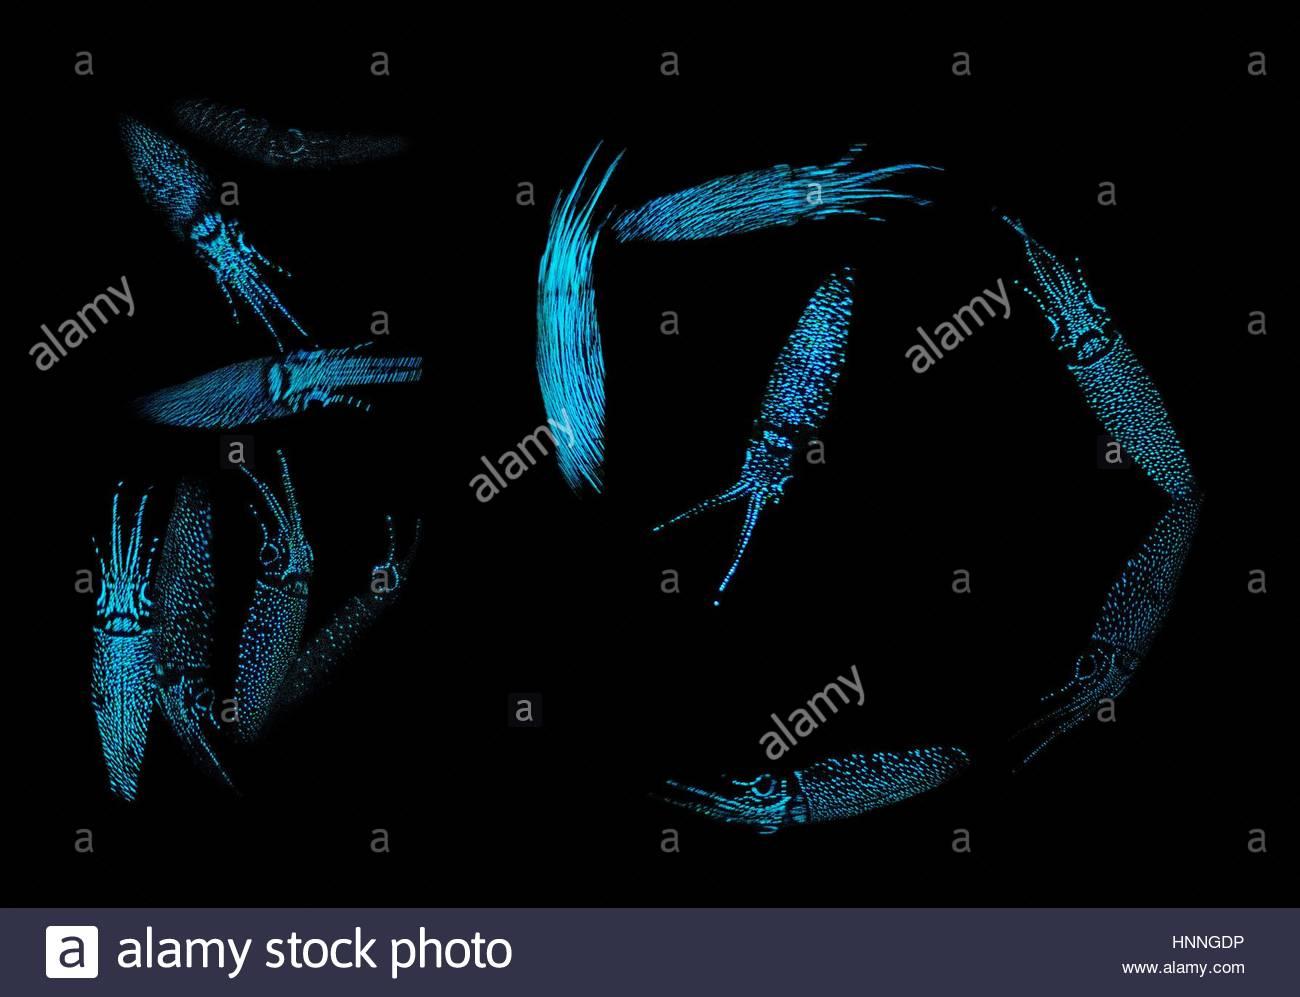 Das Leuchten der Glühwürmchen Tintenfisch macht sie sichtbar in ...